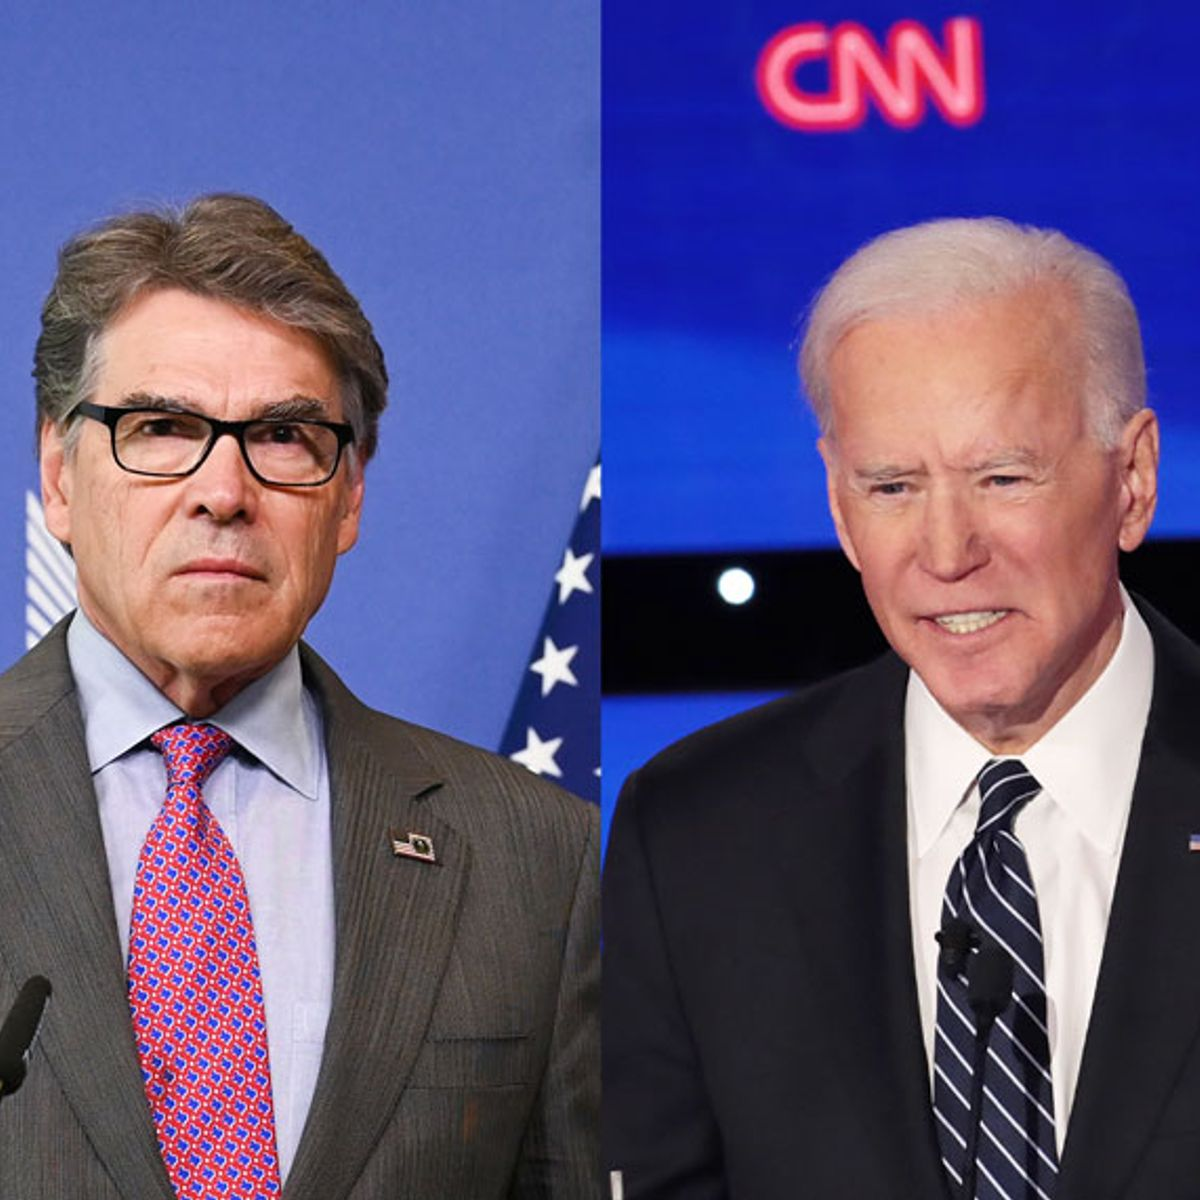 Lev Parnas implicates Rick Perry in Ukraine scandal as he clears Joe Biden of wrongdoing